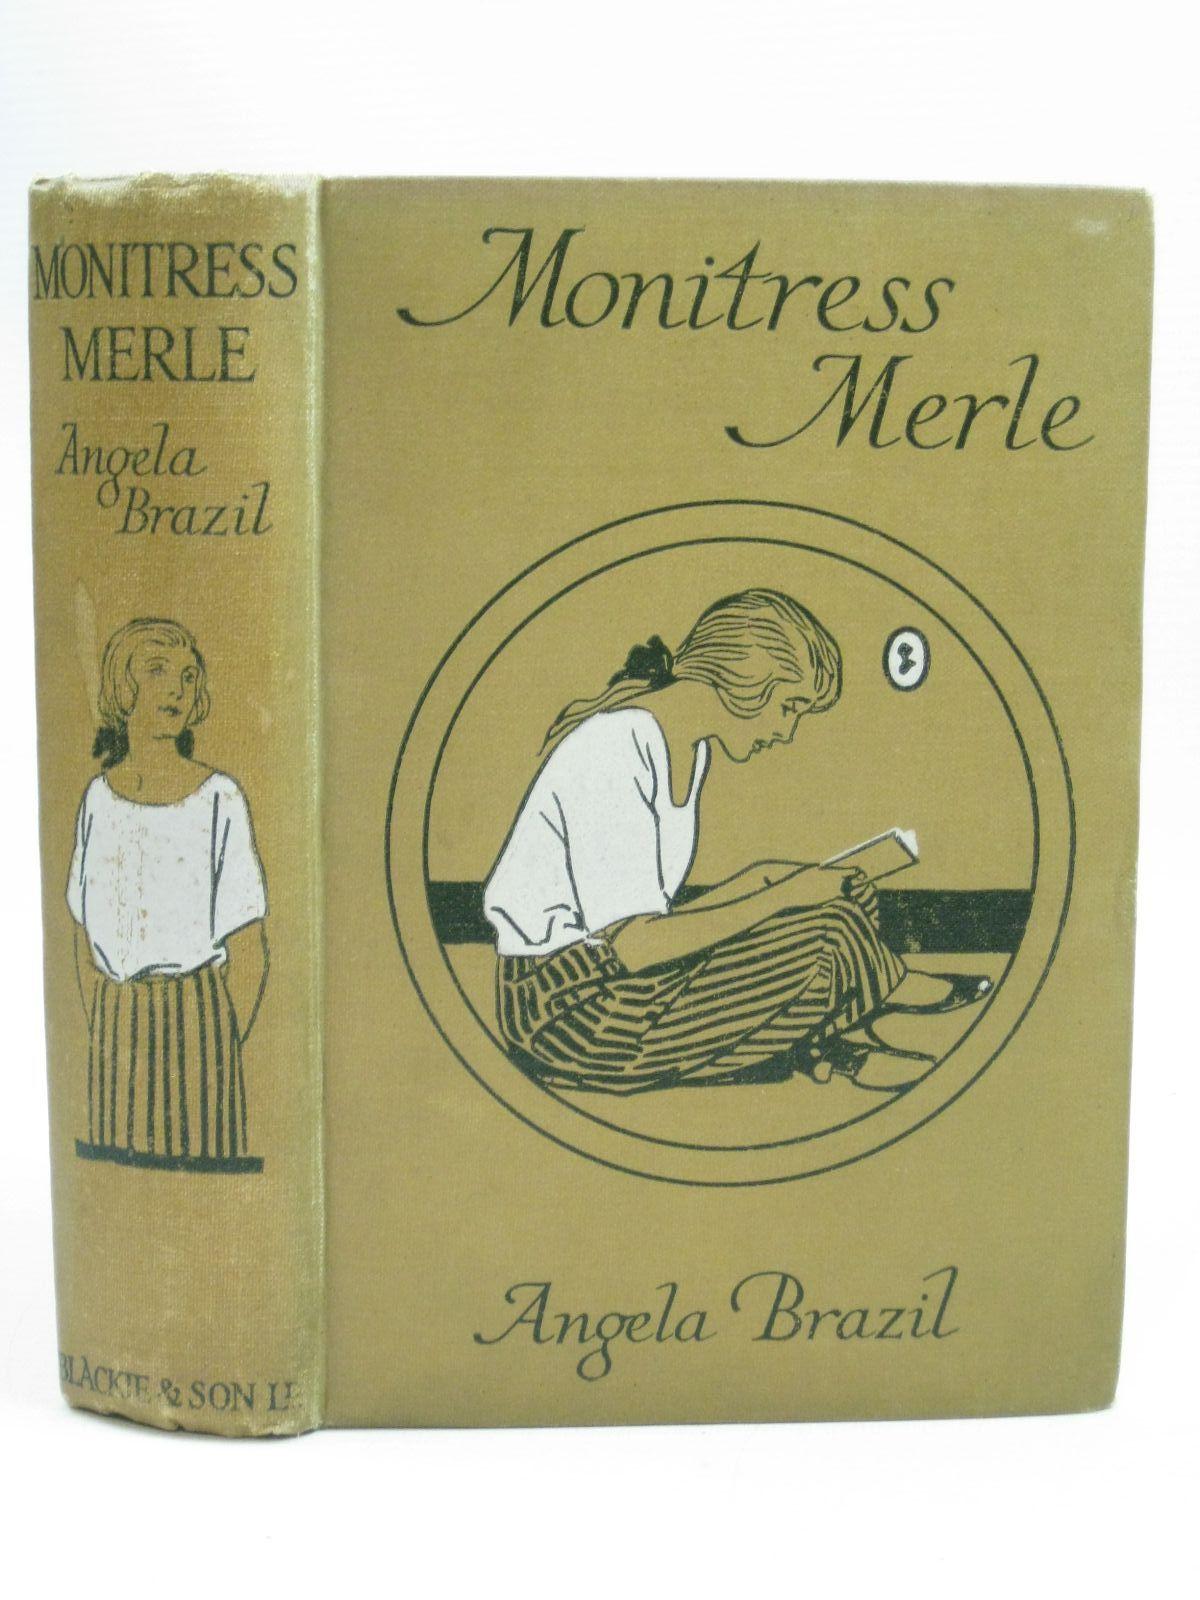 MONITRESS MERLE Brazil, Angela Very Good Hardcover